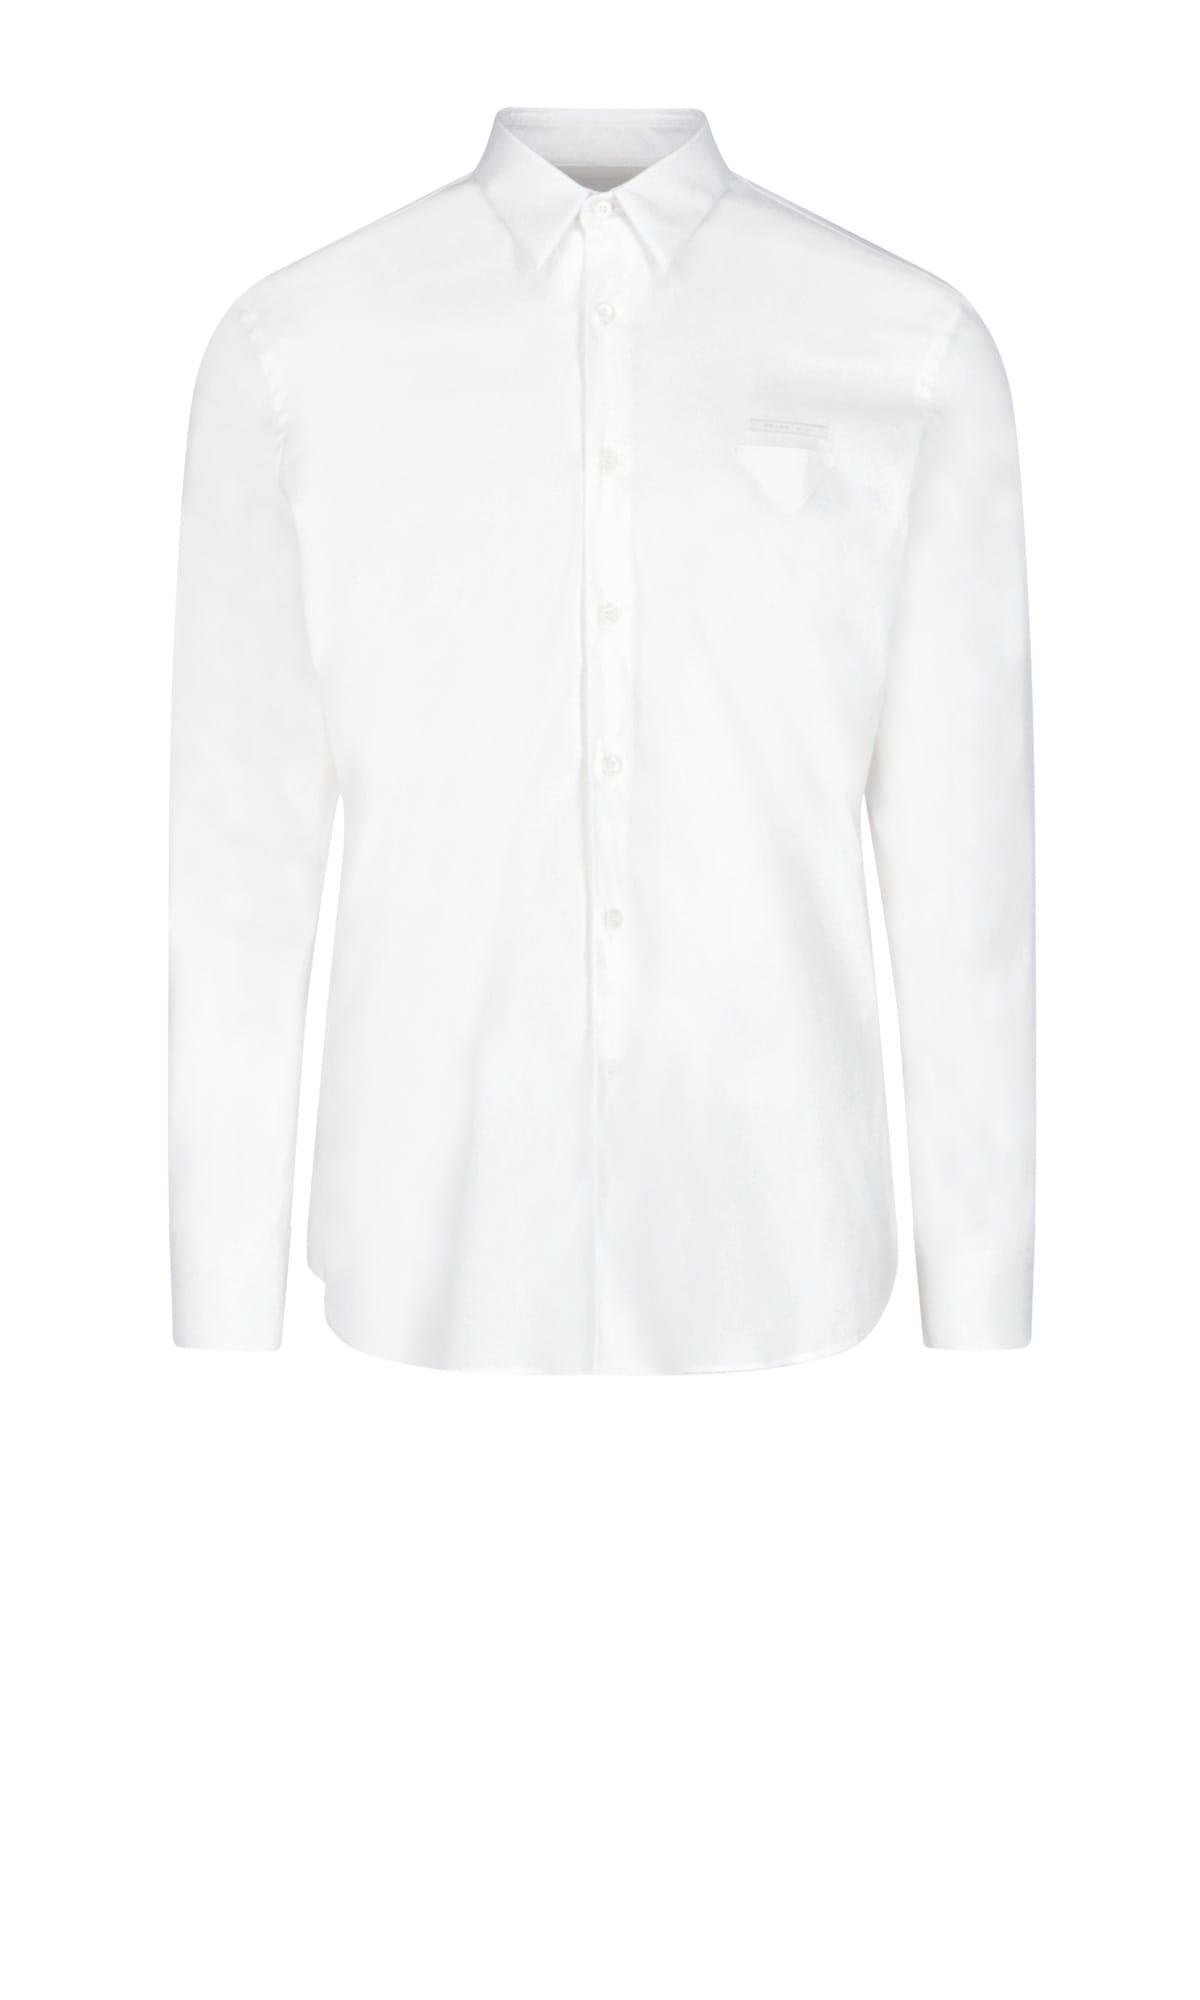 Stretch Design Shirt